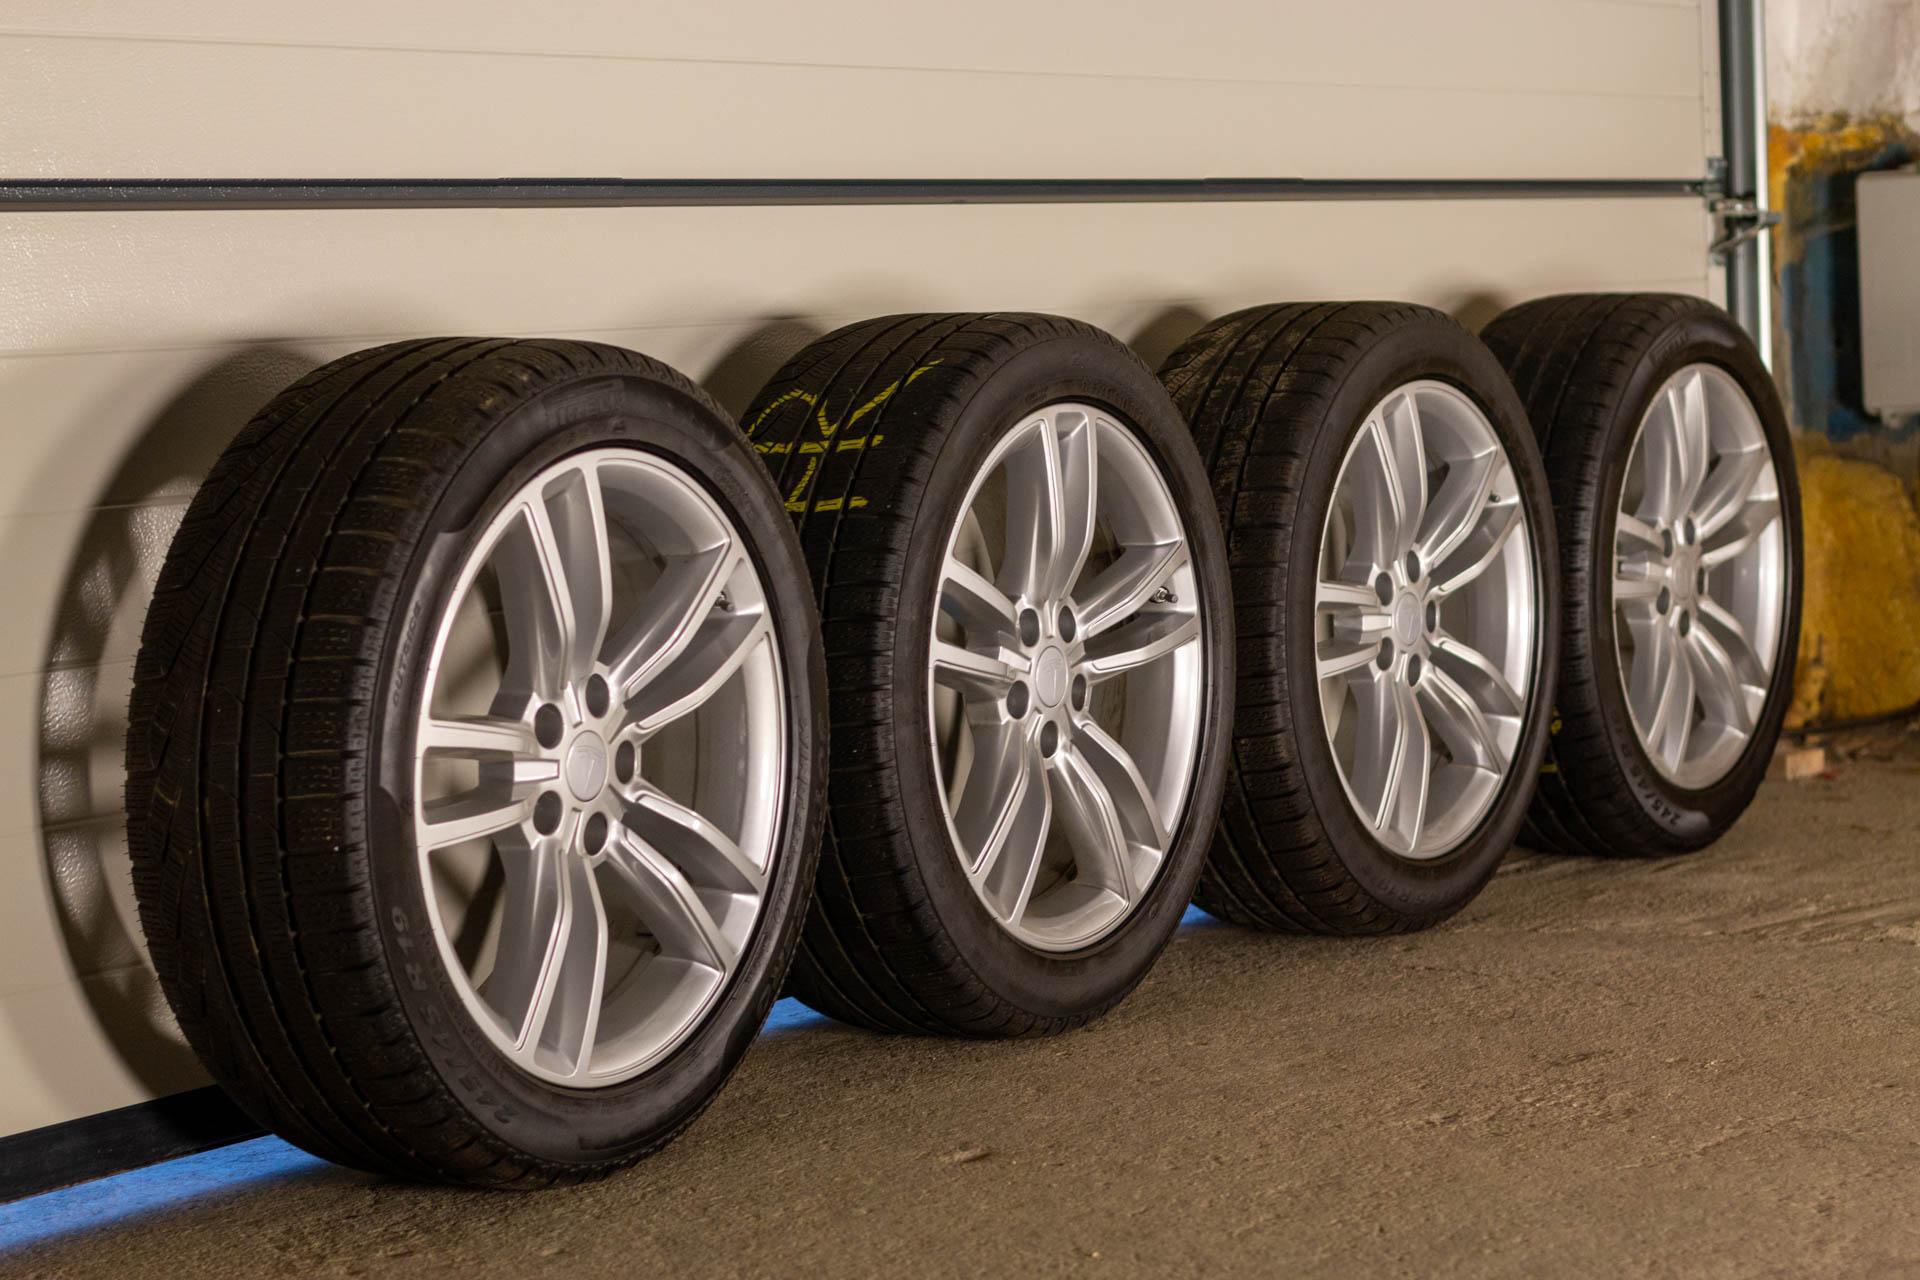 Foto: 19-Zoll-Standard-Felgen von Tesla mit Pirelli-Winterreifen. | © Greenspeed.de